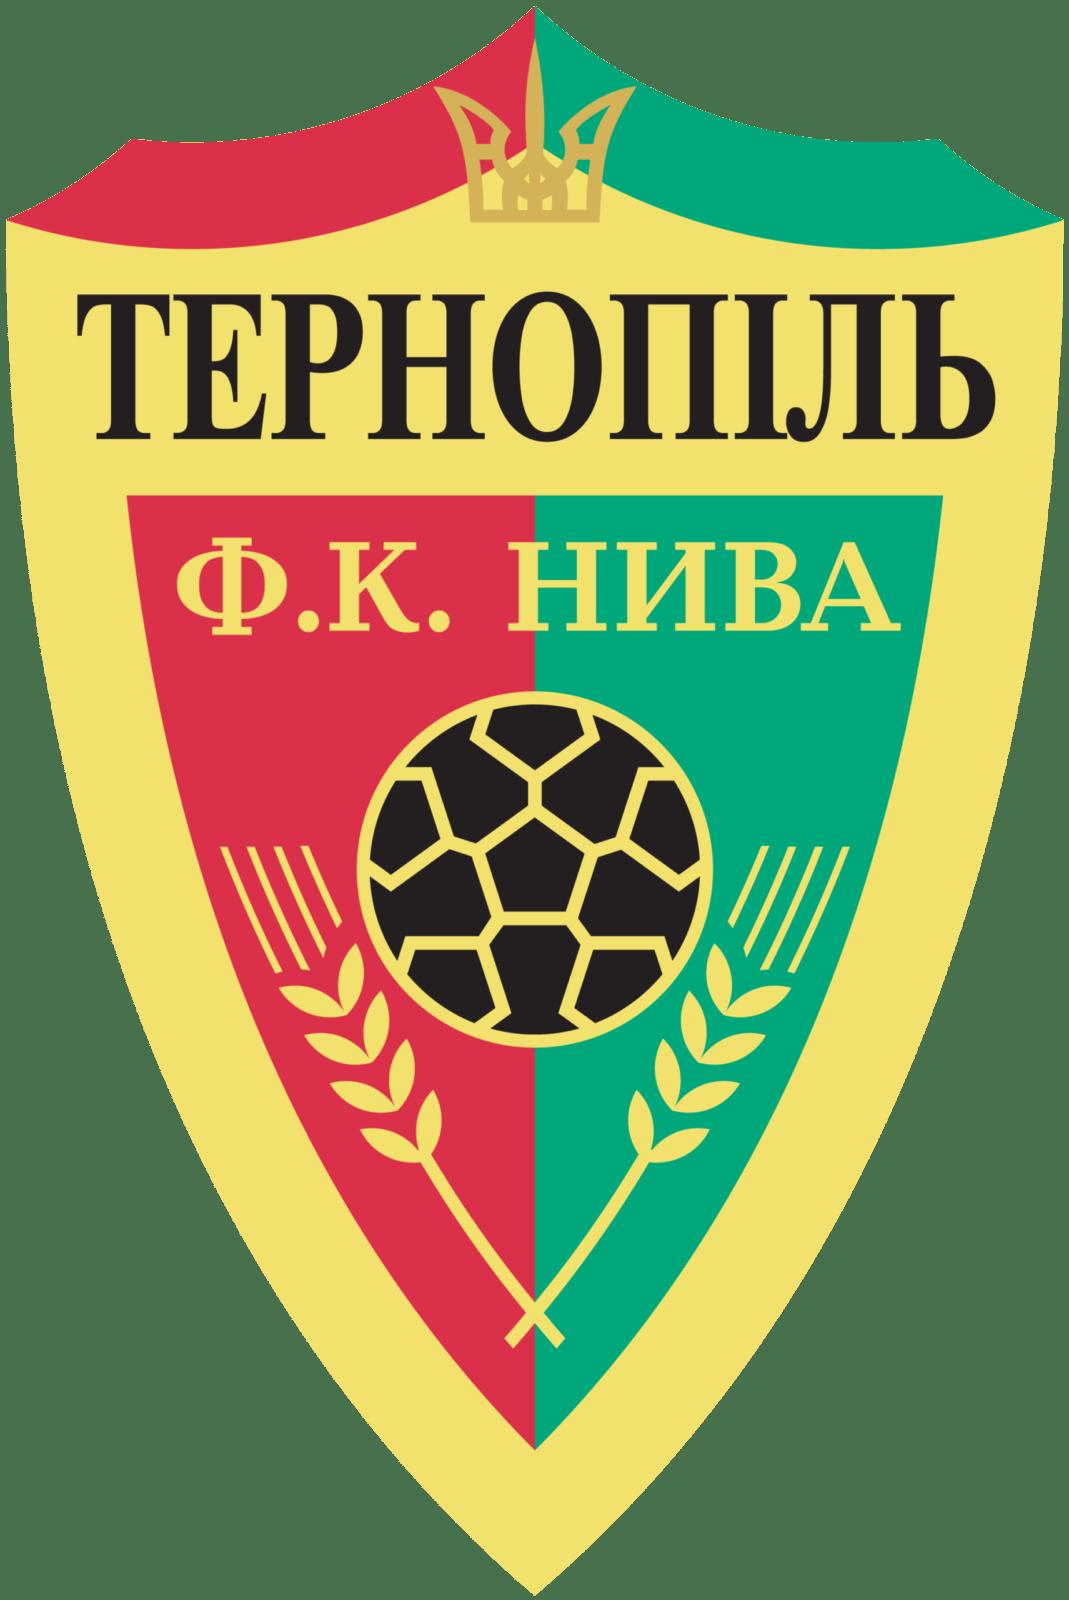 Герб ФК «Нива» Тернопiль